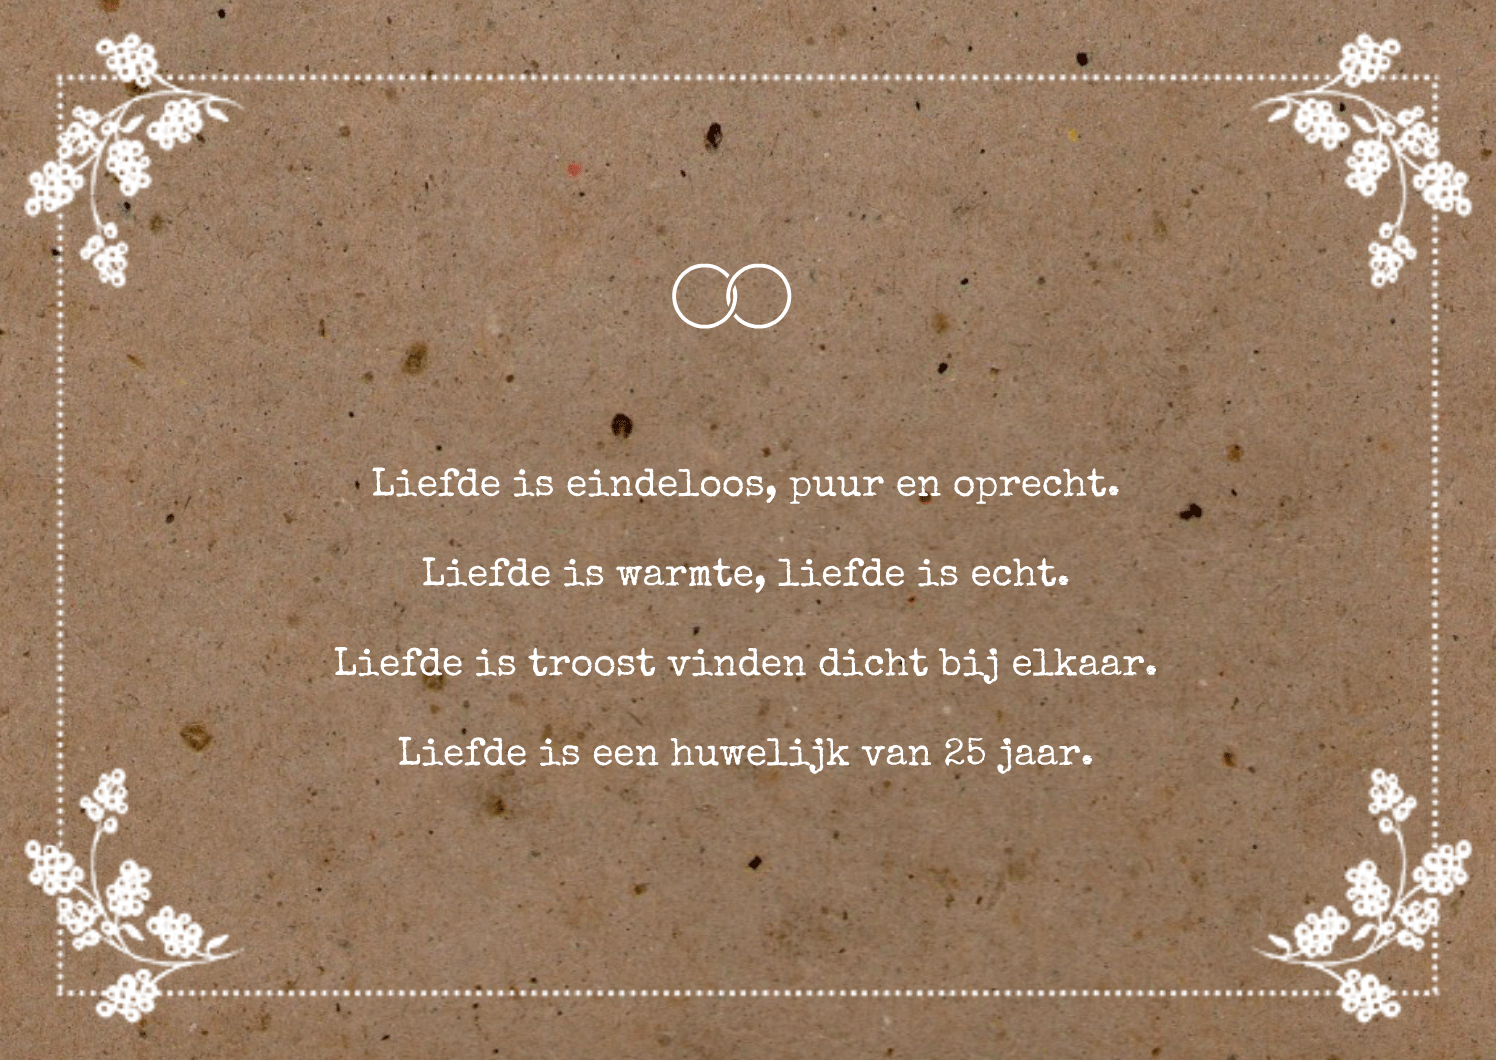 5 jarig huwelijk gedicht 25 Jaar Huwelijk Gedicht &NC93 – Aboriginaltourismontario 5 jarig huwelijk gedicht